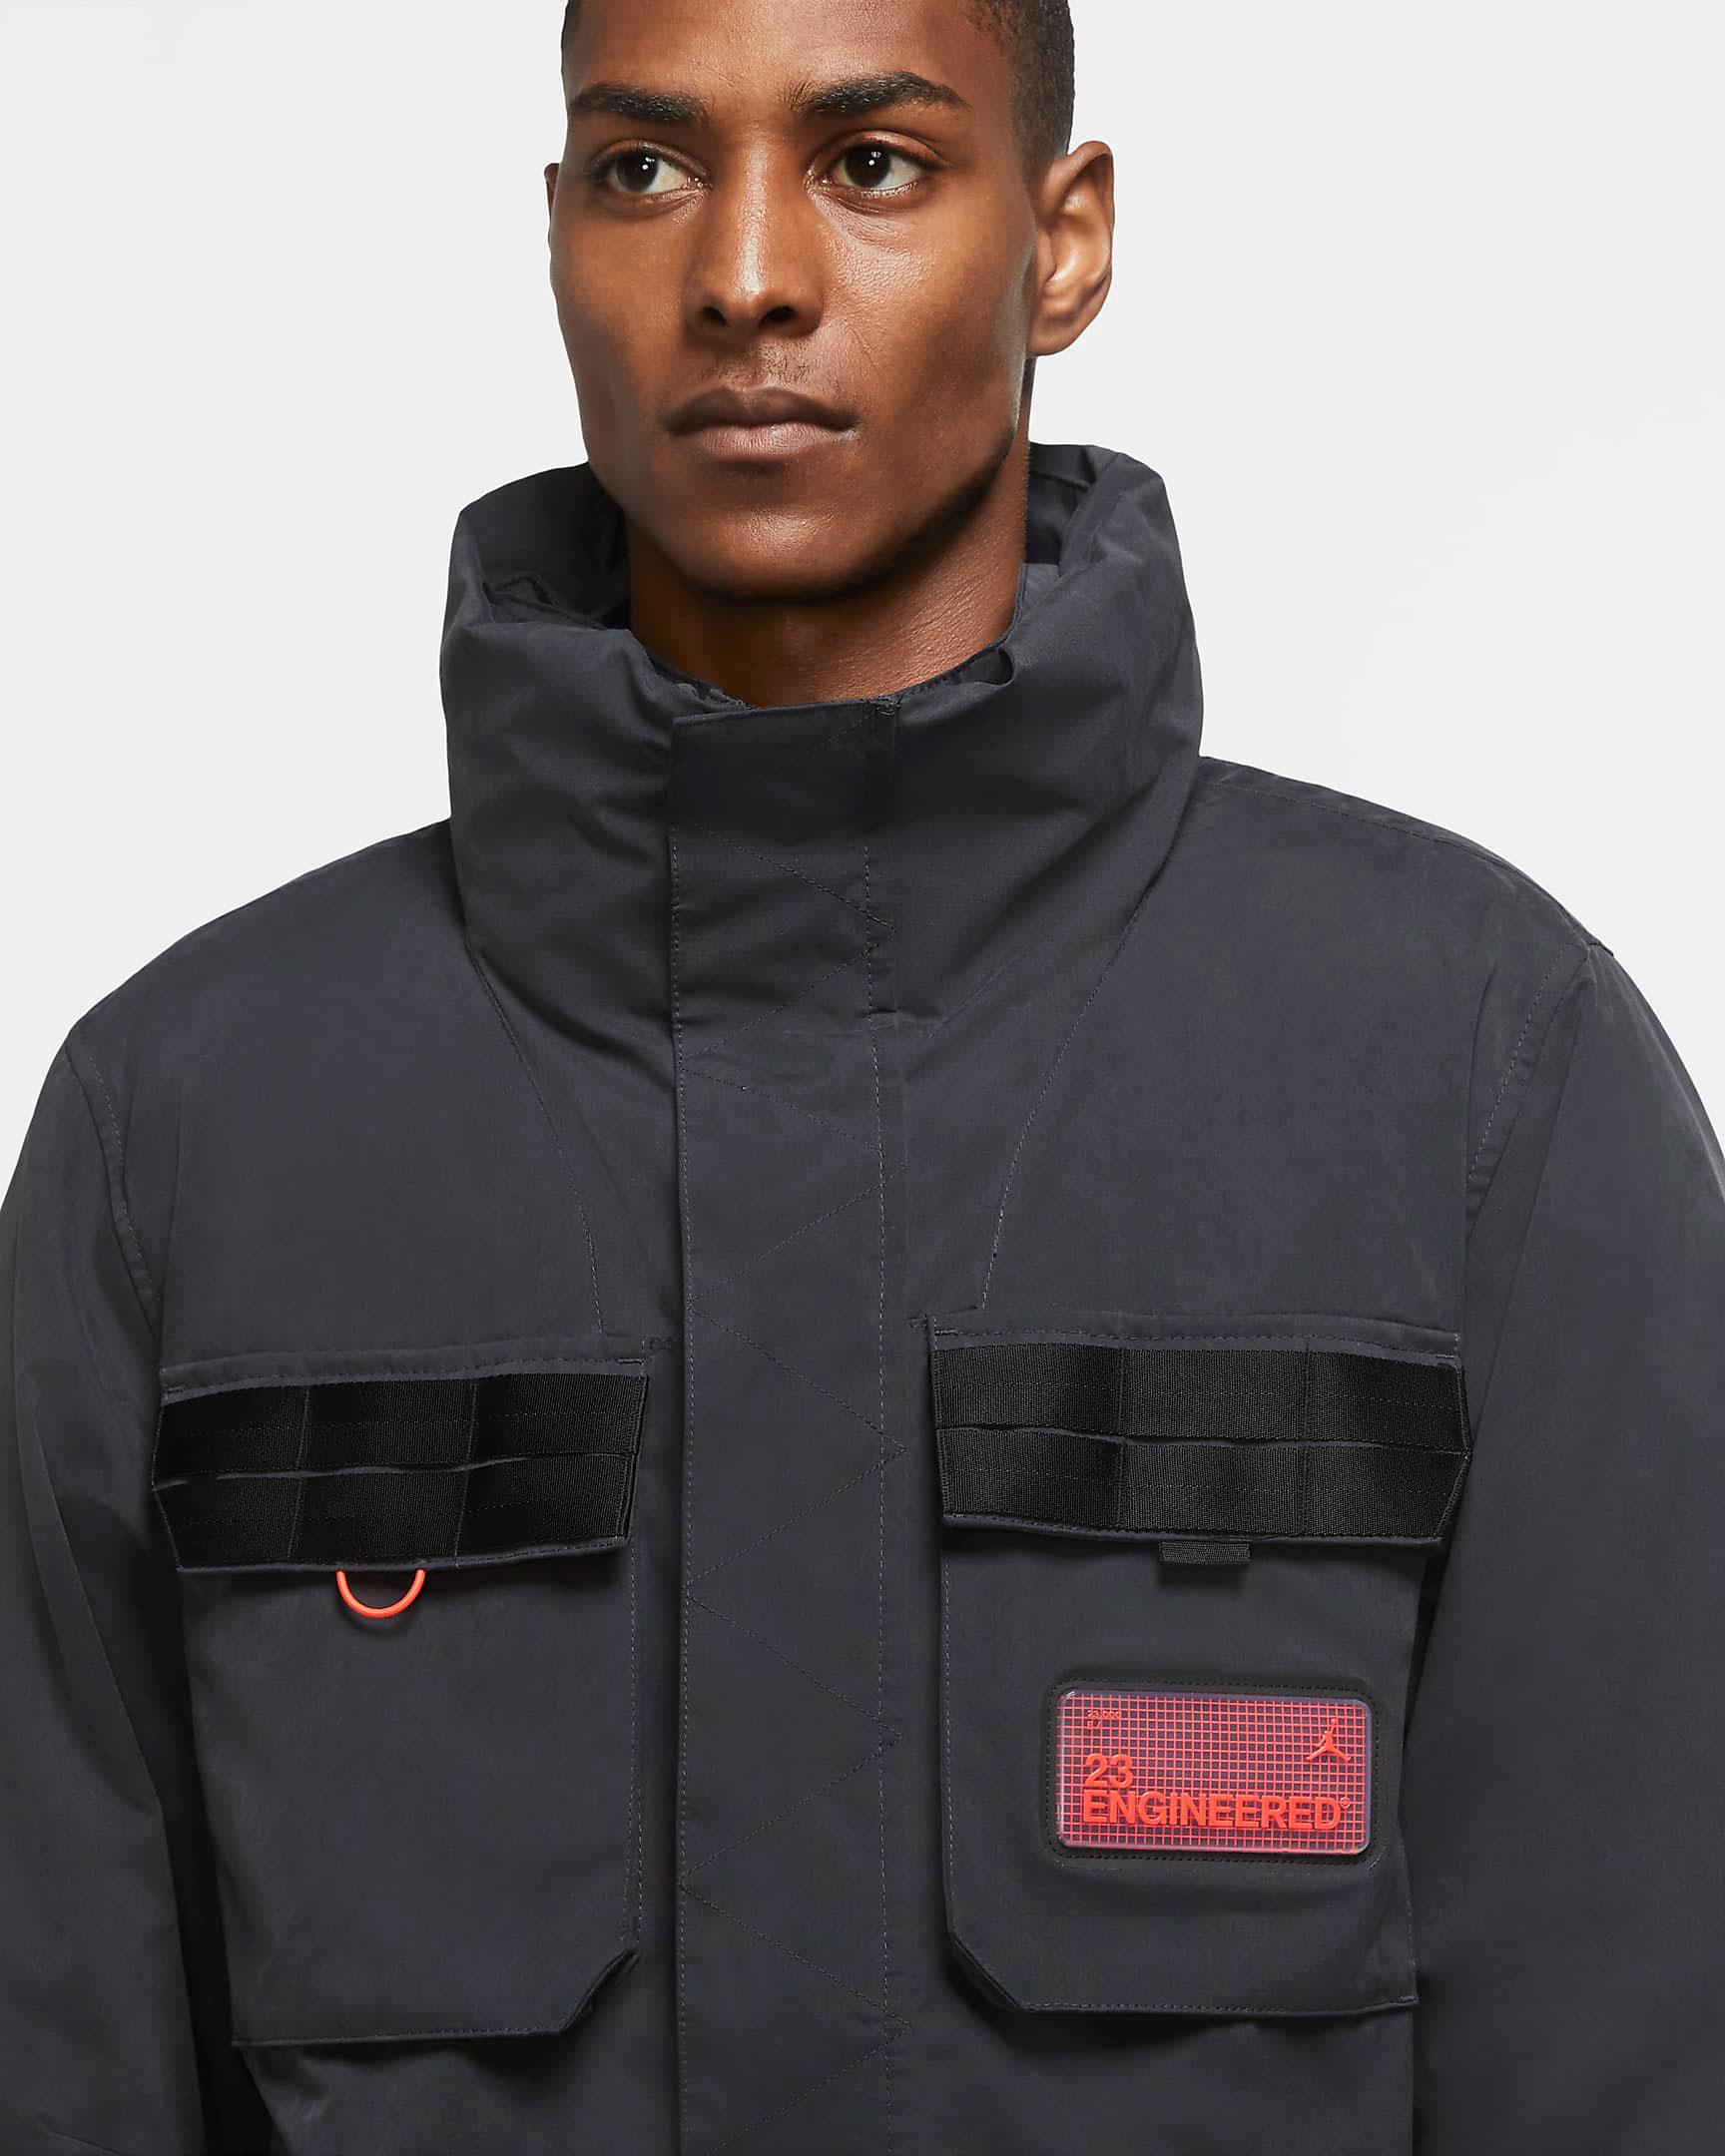 air-jordan-11-adapt-winter-jacket-3